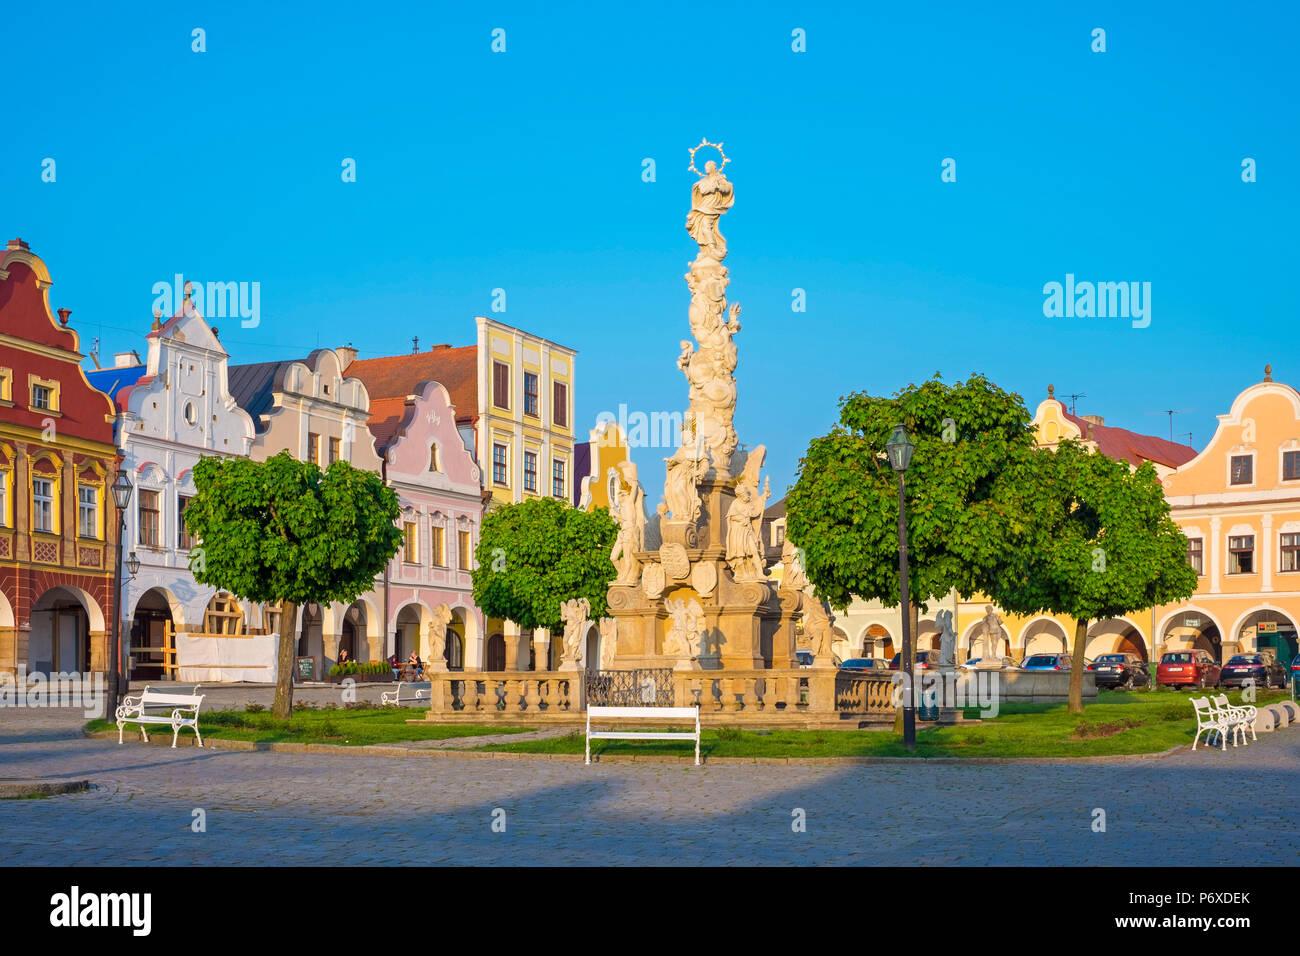 República Checa, región de Vysocina, Telc. Imagen De Stock